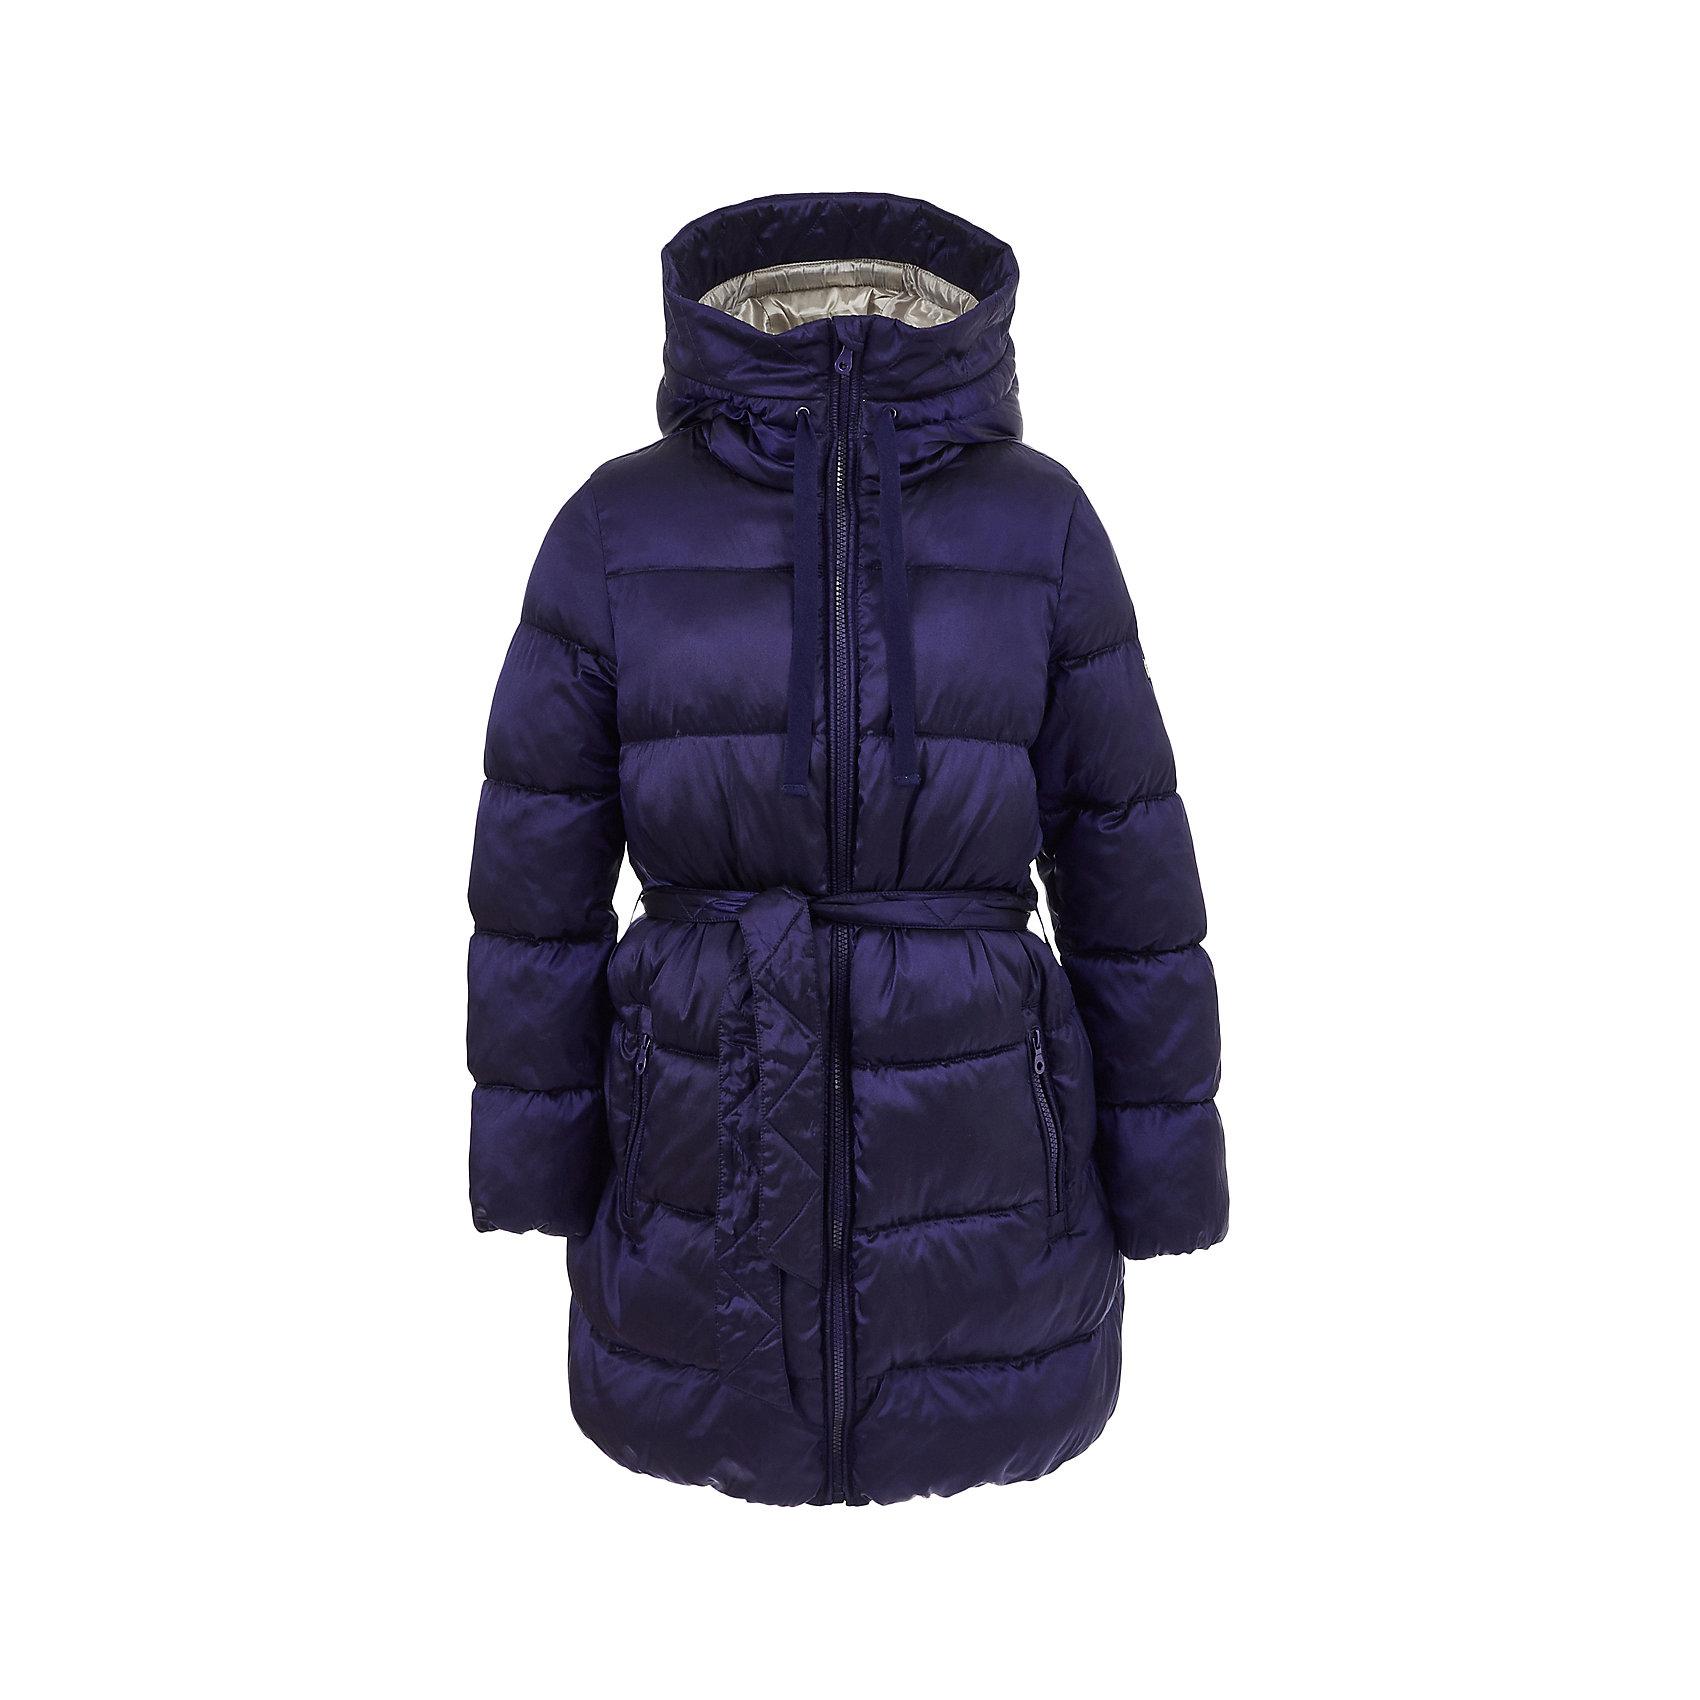 Полупальто BUTTON BLUE для девочкиВерхняя одежда<br>Полупальто BUTTON BLUE для девочки<br>В преддверии осенней сырости и холодов главная задача родителей - купить детское пальто или хорошую куртку! Всех, кто хочет купить пальто недорого, часто ожидает разочарование... Но если вы формируете функциональный детский гардероб от Button Blue, вам это не грозит! Прекрасное демисезонное пальто для девочки от Button Blue - залог хорошего настроения в холодный осенний день! Лаконичный дизайн, модный цвет, комфортная форма, оптимальная длина делают пальто стильным, привлекательным и удобным в повседневной носке.<br>Состав:<br>тк. верха:   55%полиэстер 45% нейлон,  Подкладка: 100% хлопок/100% полиэстер                                                           Утеплитель: 100% полиэстер( fake down )<br><br>Ширина мм: 356<br>Глубина мм: 10<br>Высота мм: 245<br>Вес г: 519<br>Цвет: темно-синий<br>Возраст от месяцев: 144<br>Возраст до месяцев: 156<br>Пол: Женский<br>Возраст: Детский<br>Размер: 158,122,98,104,110,116,128,134,140,146,152<br>SKU: 7037945